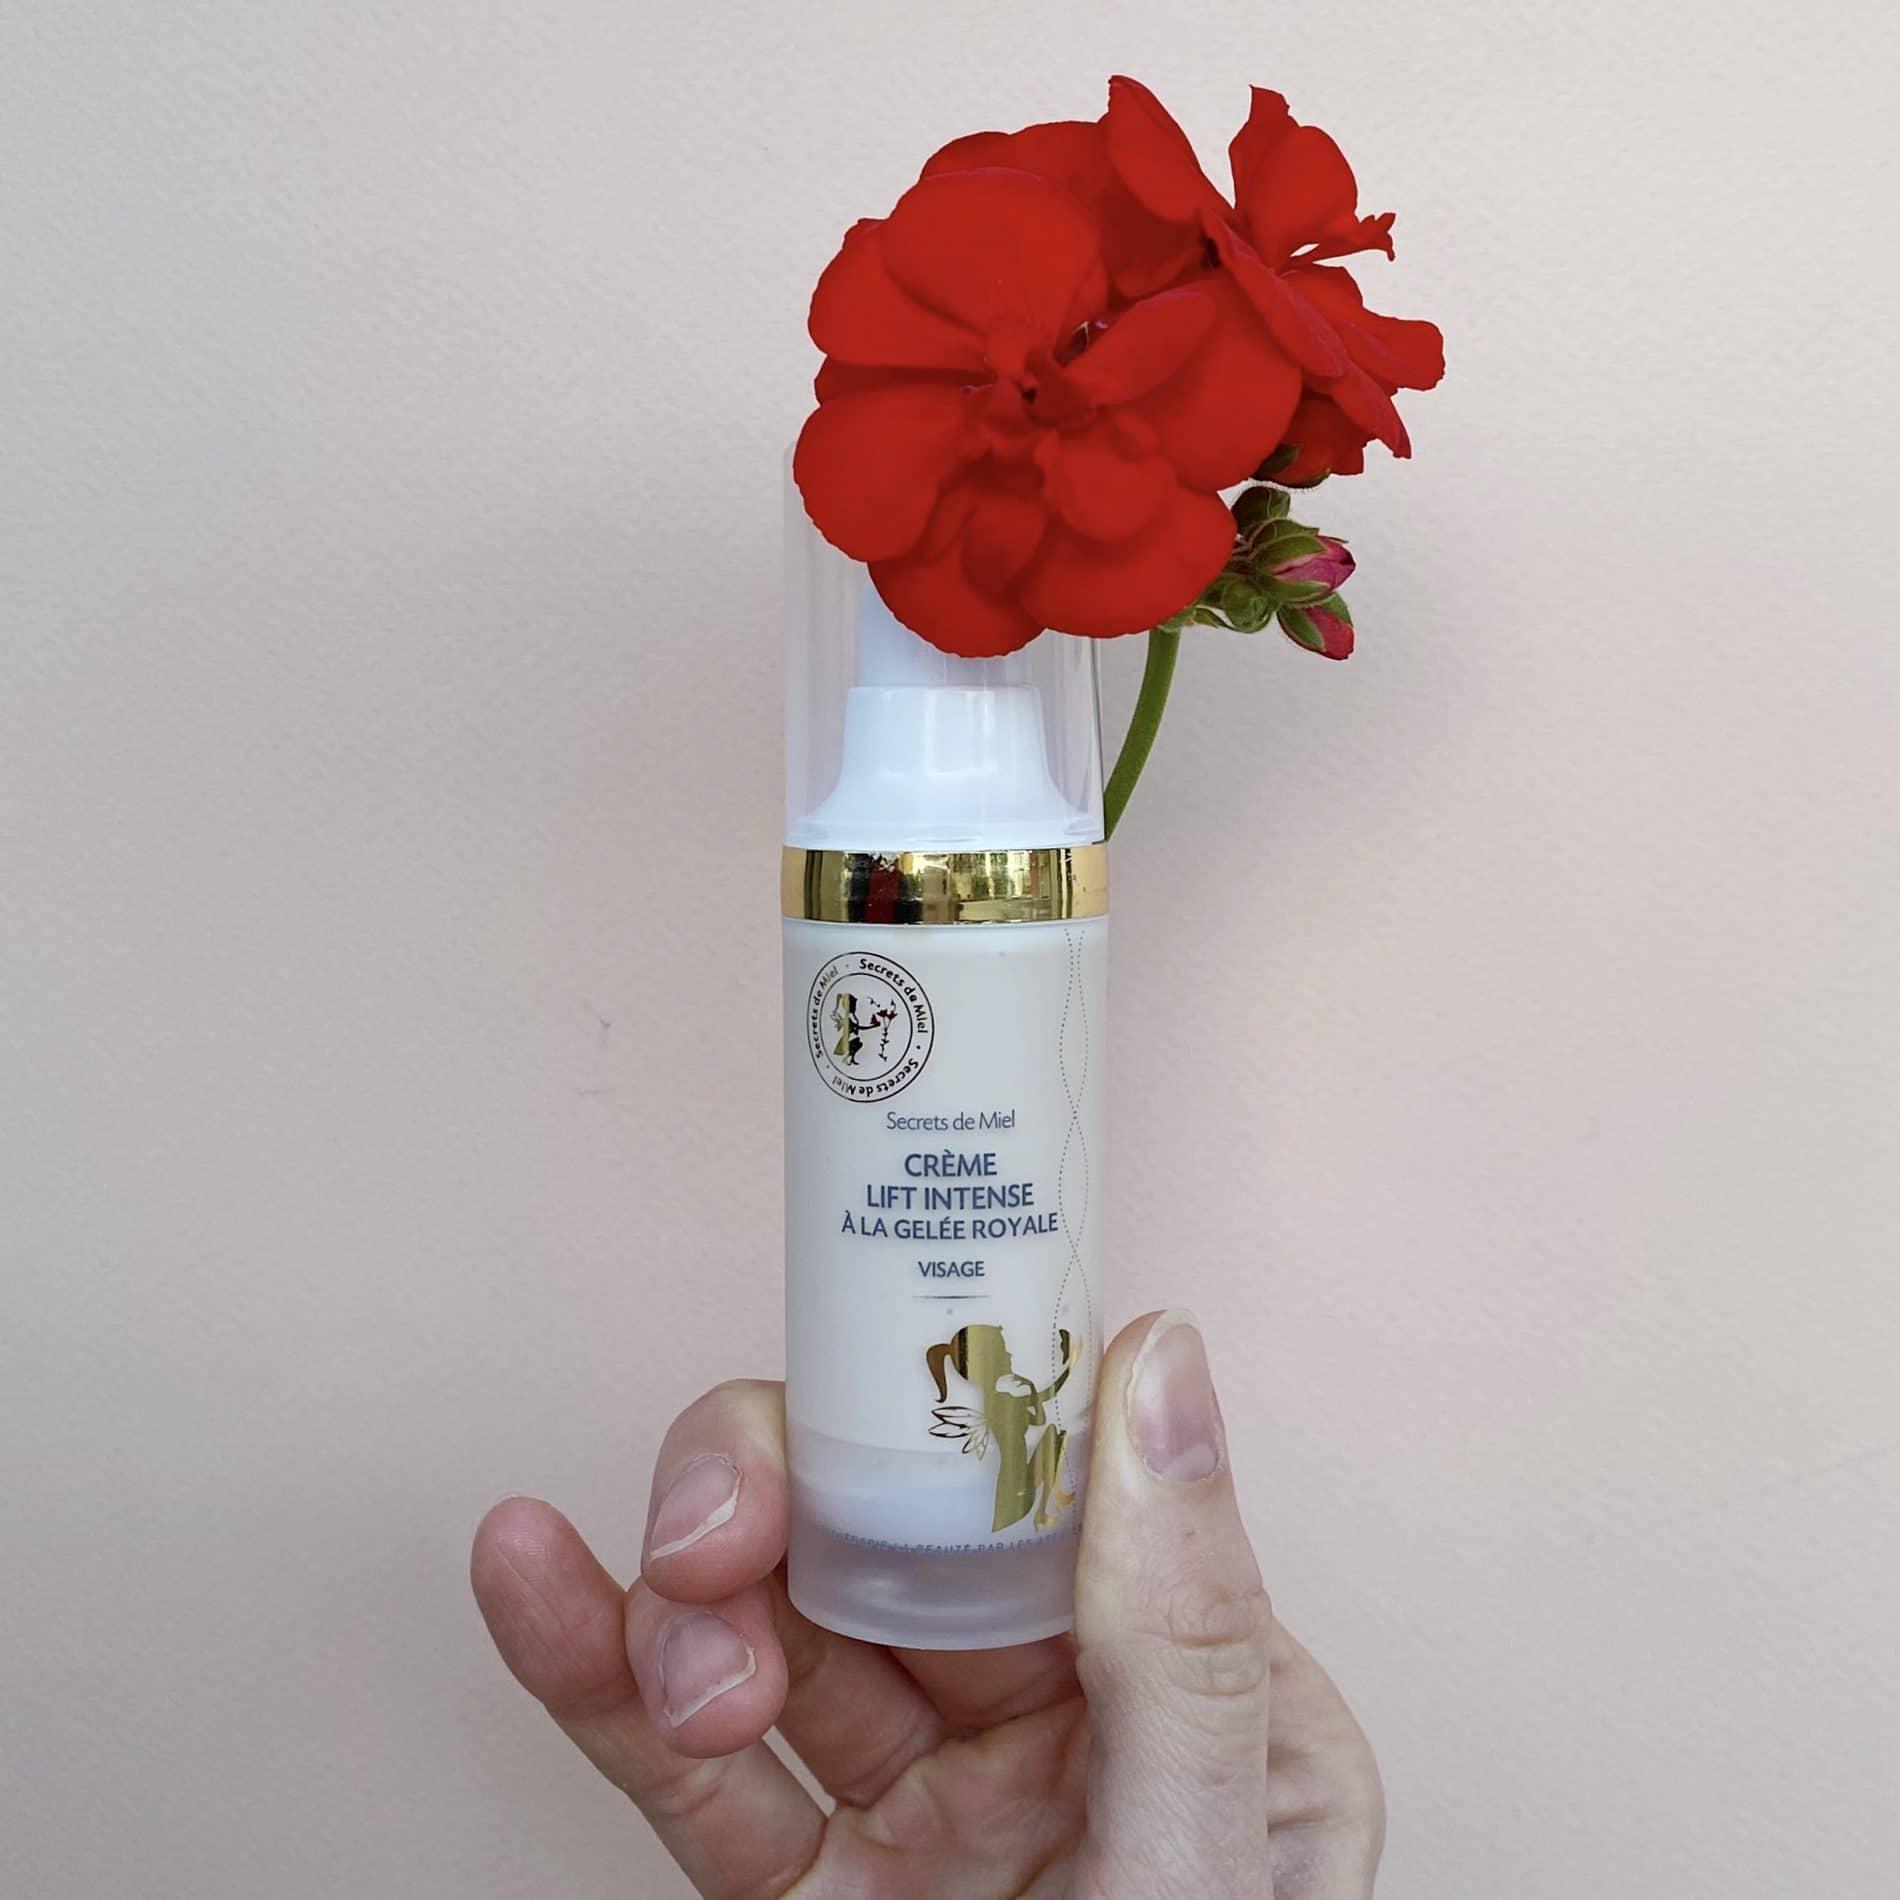 Crème Lift Intense à la Gelée Royale - Gelée Royale - Abeilles - Ruche - Crème de jour - Bon pour la peau - Produit naturel - Secrets de Miel - anti-rides - anti-âge - apithérapie